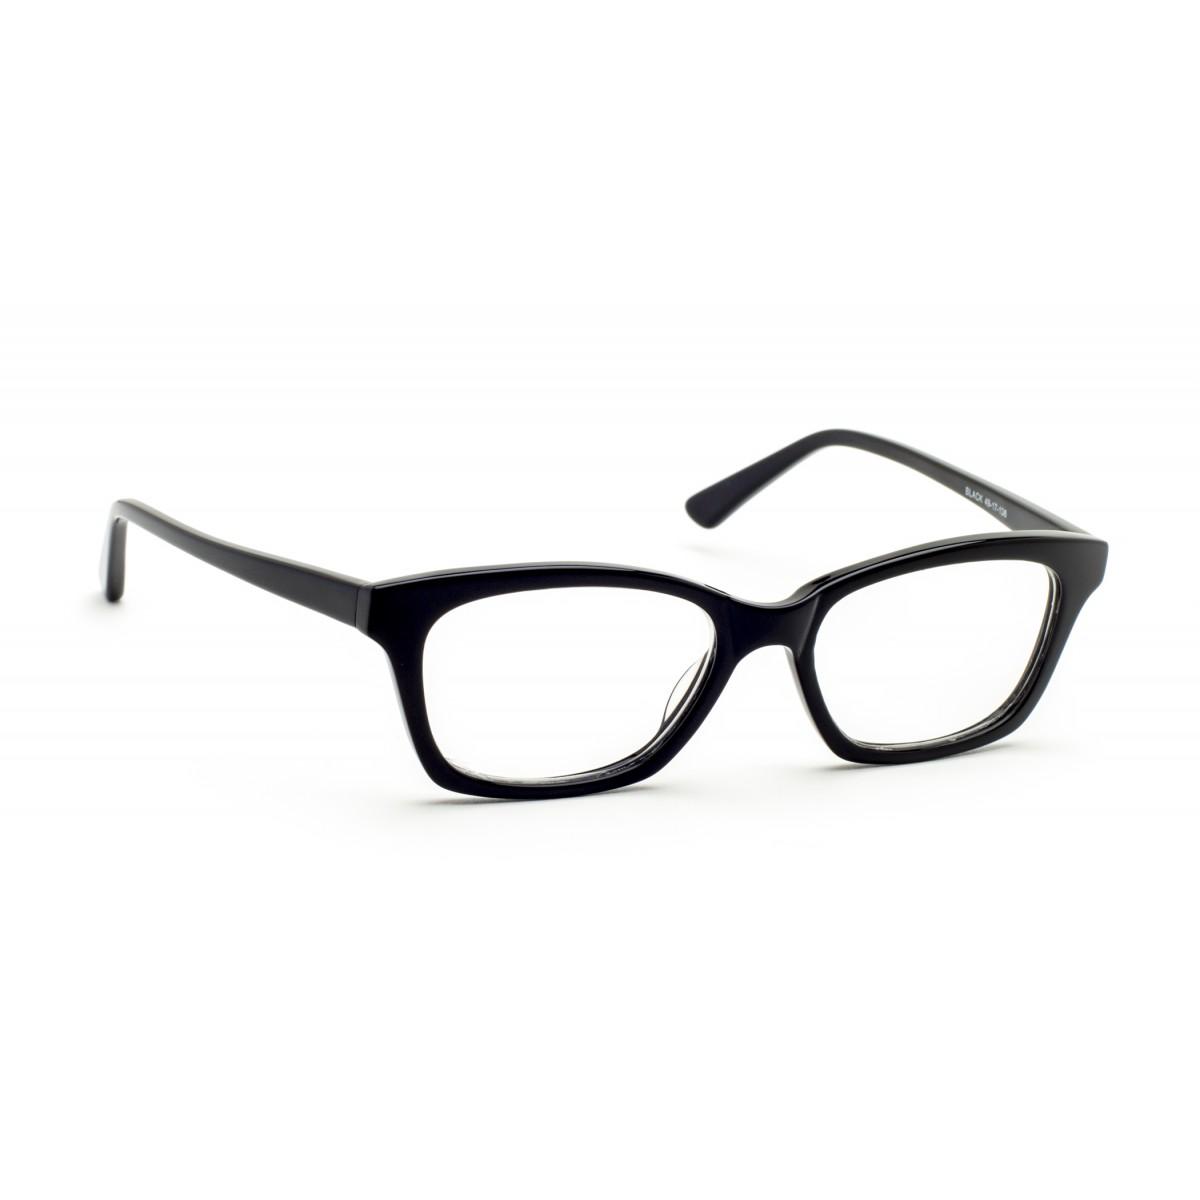 Clipart Of Eyeglasses